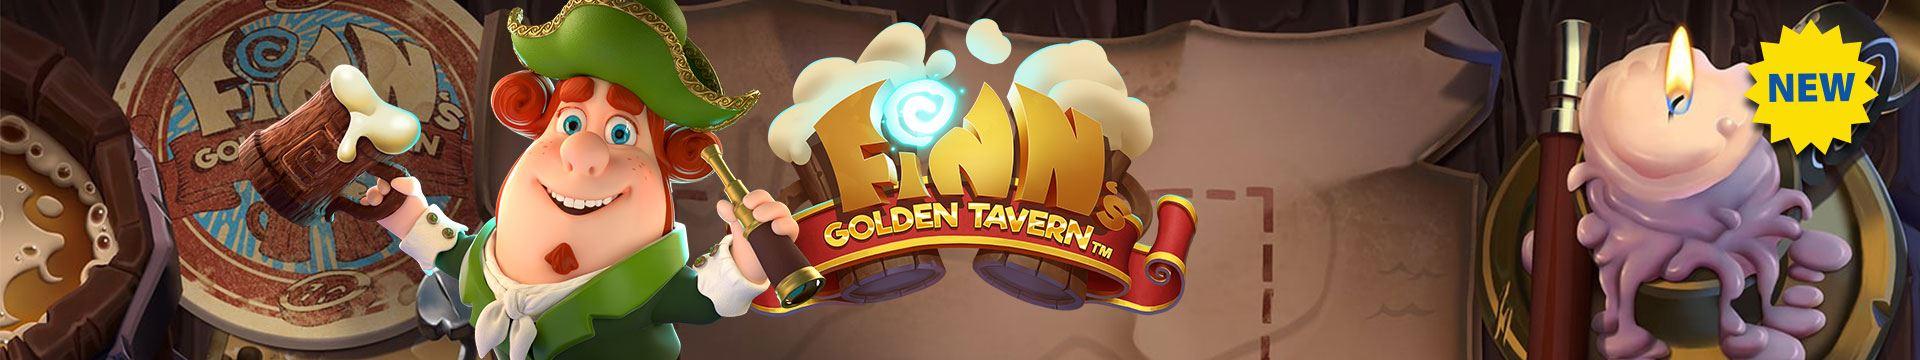 Finns_Golden_Tavern